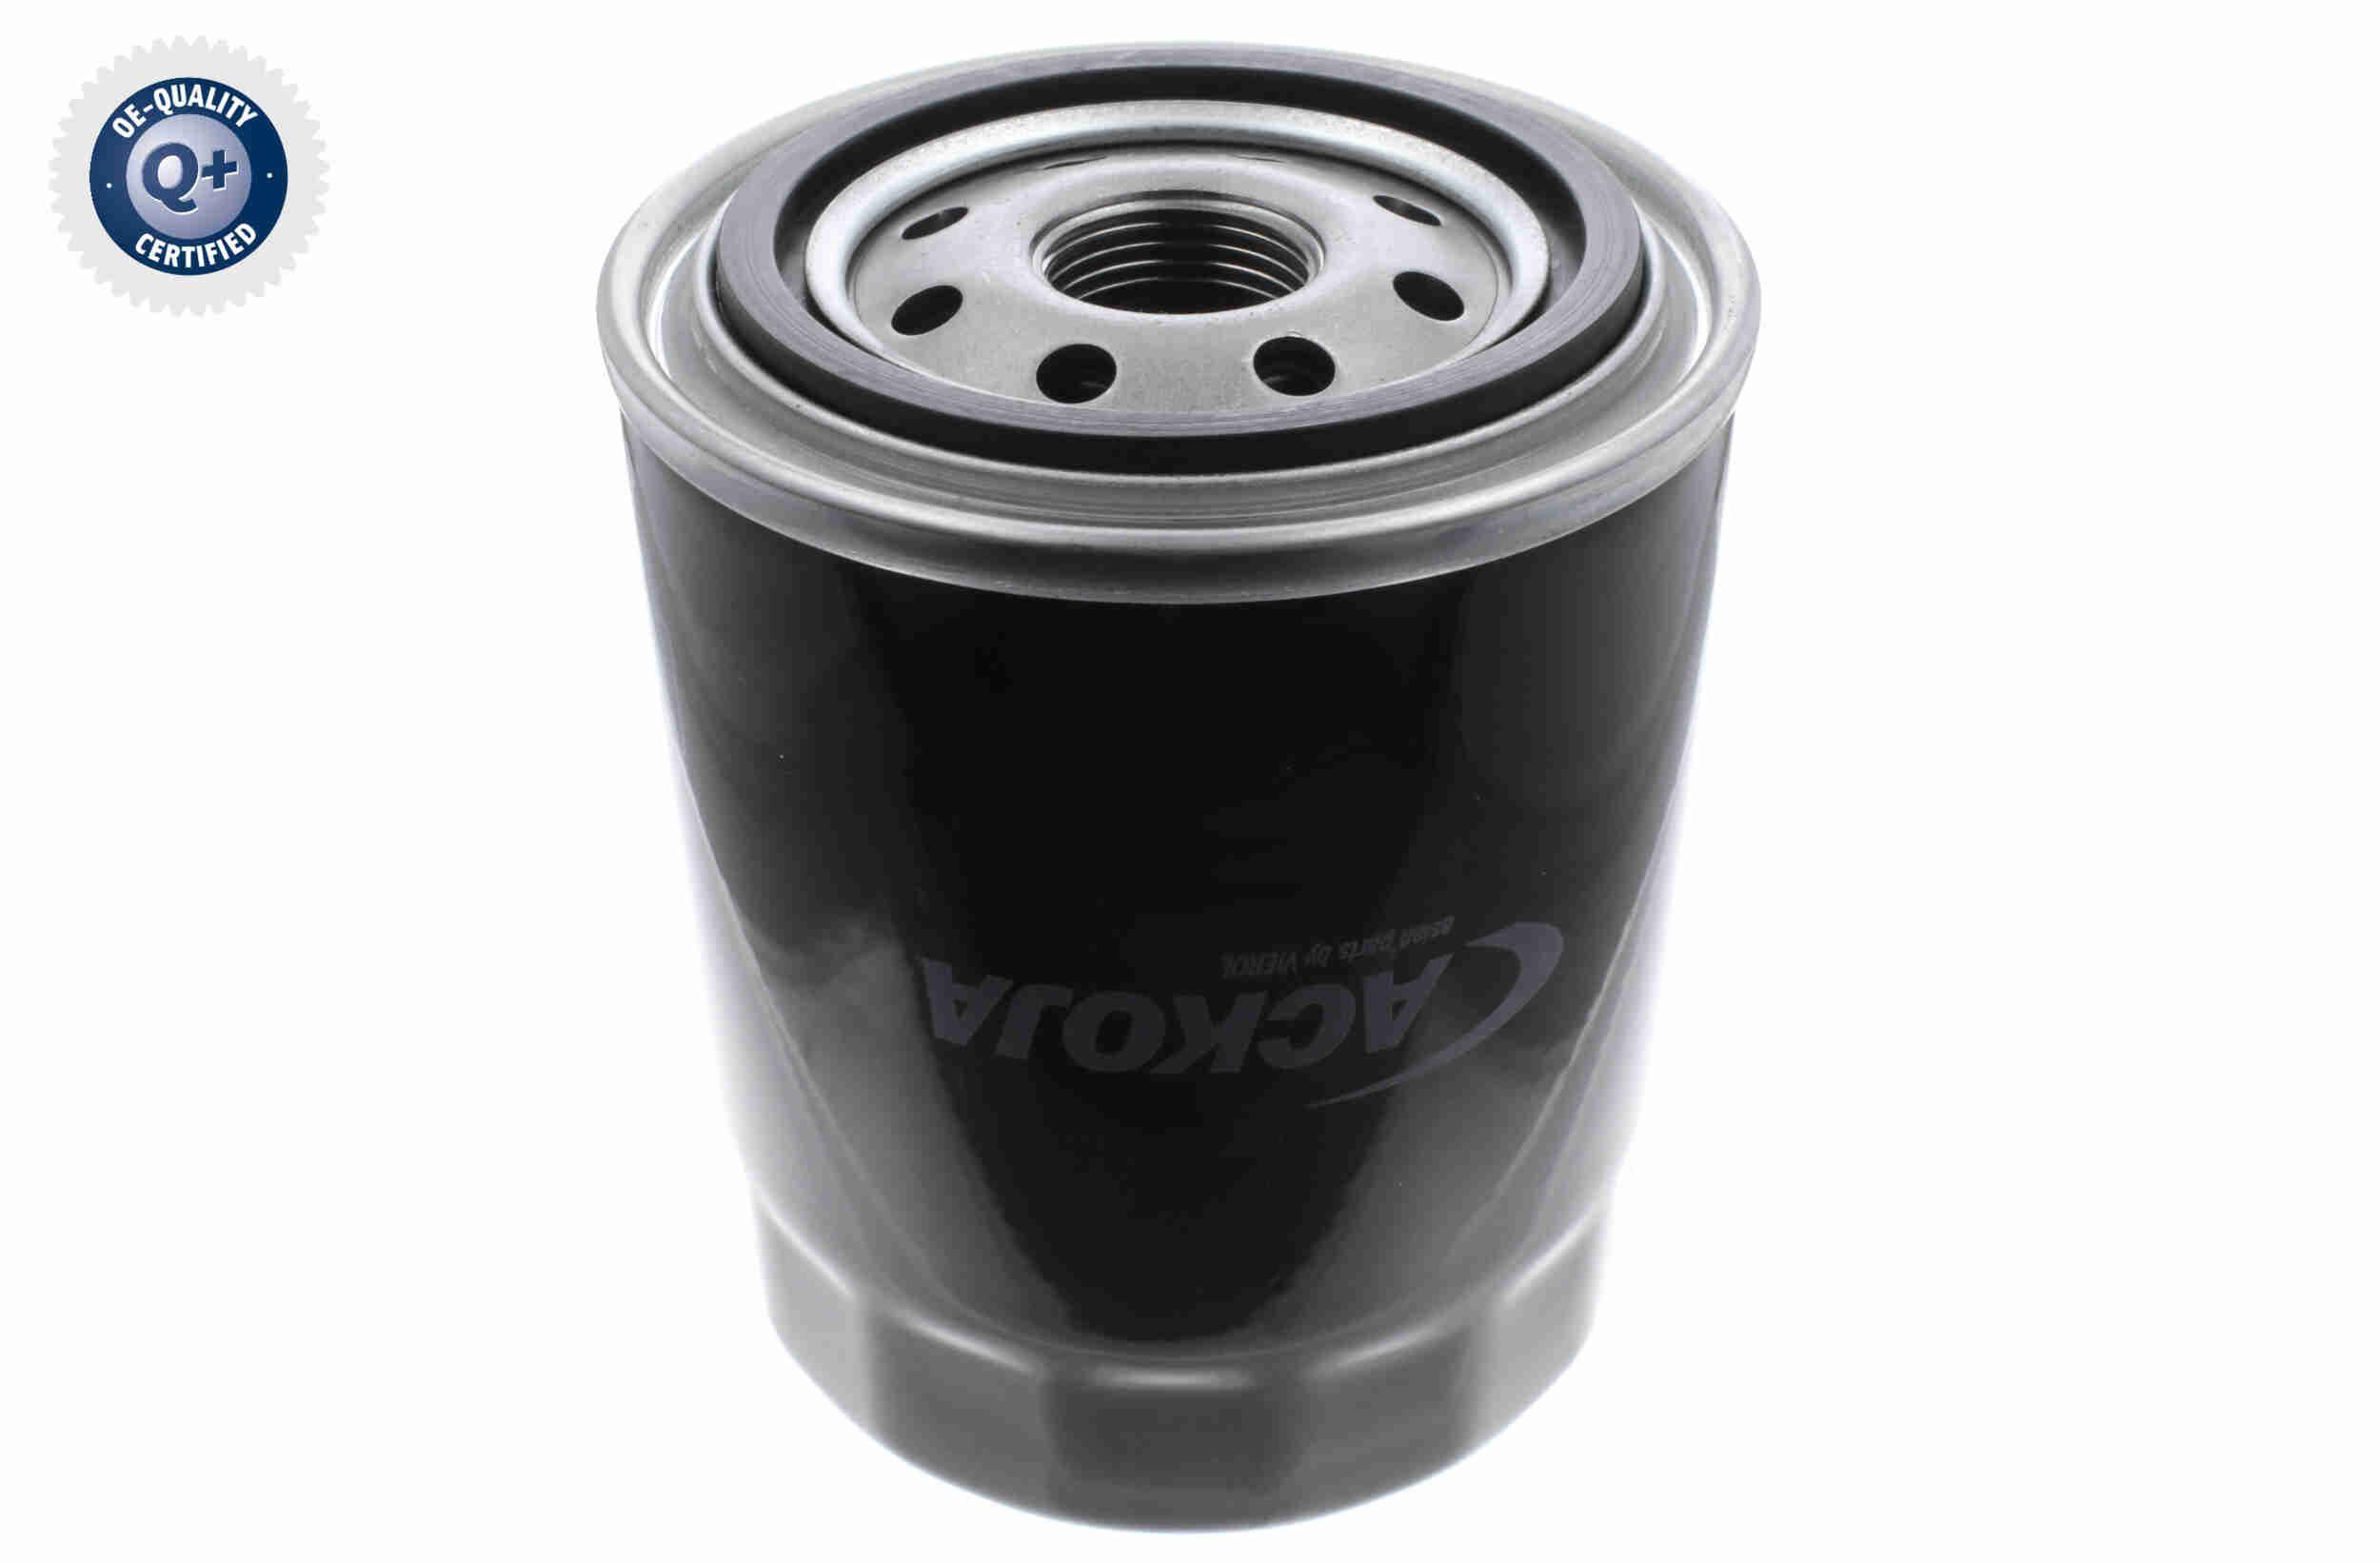 A63-0500 ACKOJA Anschraubfilter Ölfilter A63-0500 günstig kaufen